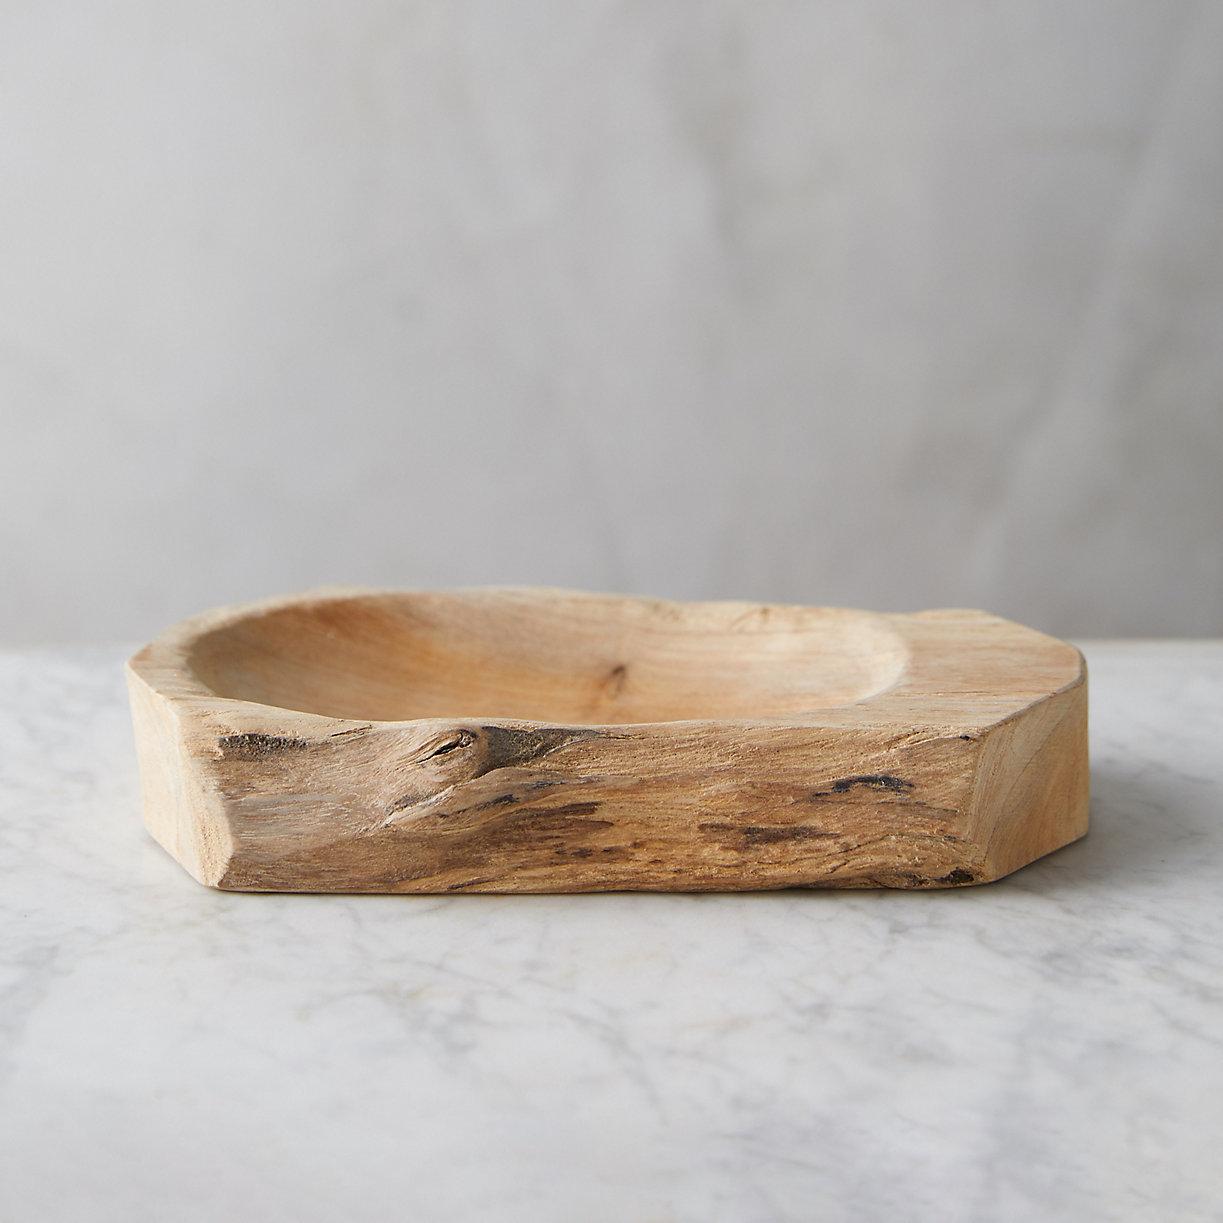 Teak Wood Soap Dish Terrain